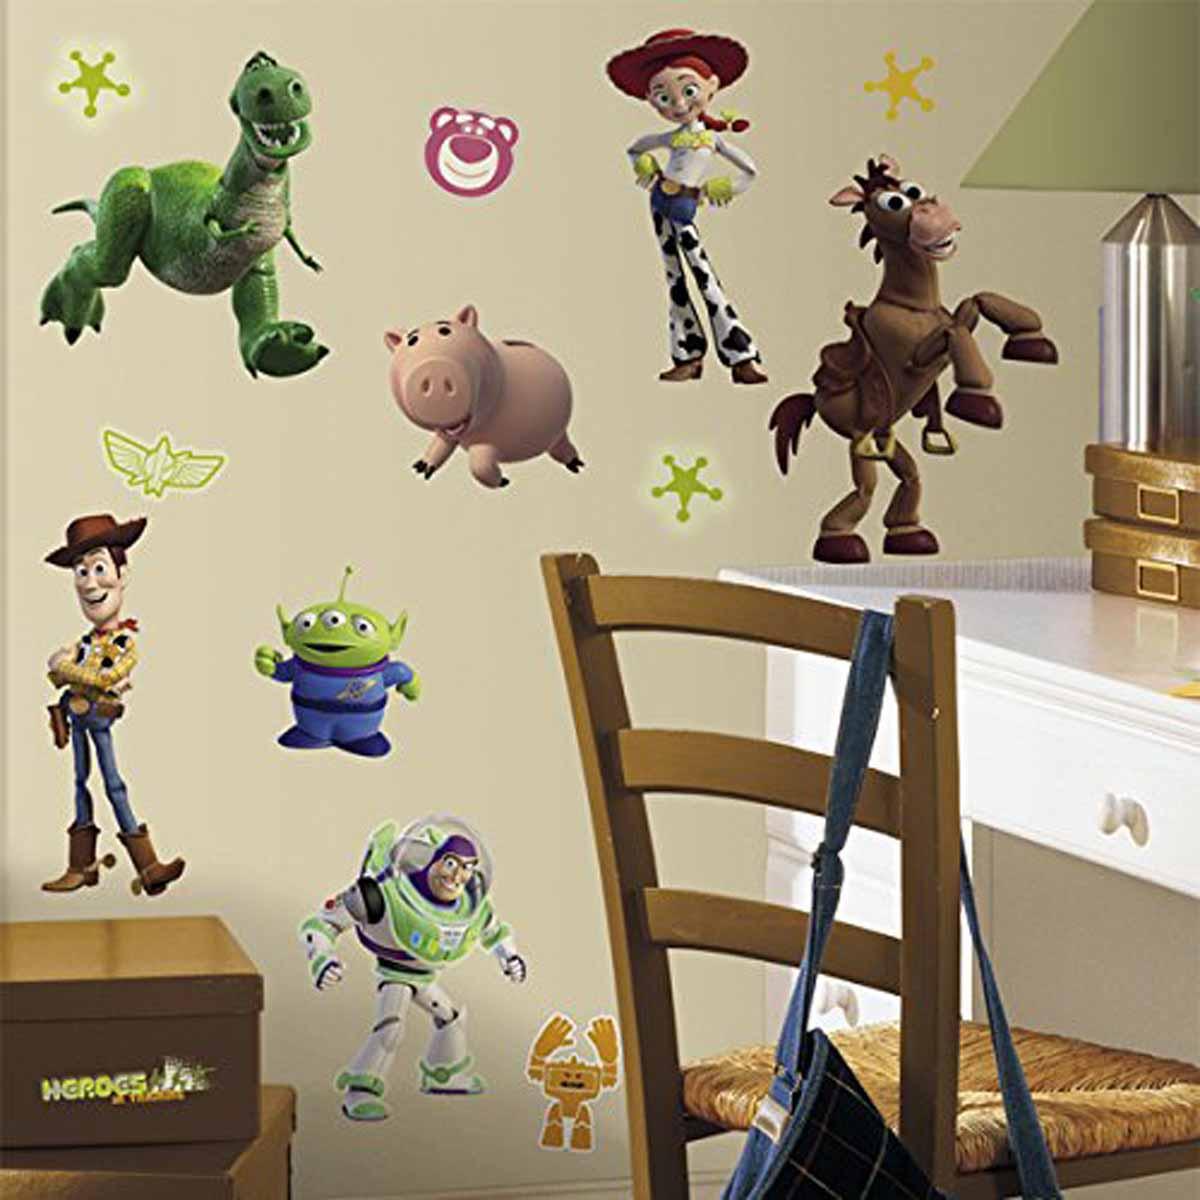 RoomMates Наклейки для декора История игрушек 3RMK1428SCSНаклейки для декора История игрушек 3: большой побег от знаменитого производителя RoomMates станут украшением вашей квартиры! Придайте комнате оригинальный и веселый вид с новым набором наклеек для декора, который светится в темноте! Наклейки, входящие в набор, изображают основных персонажей знаменитого мультфильма История игрушек 3: Большой побег. Некоторые из стикеров светятся в темноте! Всего в наборе 34 стикера. Наклейки не нужно вырезать - их следует просто отсоединить от защитного слоя и поместить на стену или любую другую плоскую гладкую поверхность. Наклейки многоразовые: их легко переклеивать и снимать со стены, они не оставляют липких следов на поверхности. В каждой индивидуальной упаковке вы можете найти 4 листа с различными наклейками! Таким образом, покупая наклейки фирмы RoomMates, вы получаете гораздо больший ассортимент наклеек, имея возможность украсить ими различные поверхности в доме.